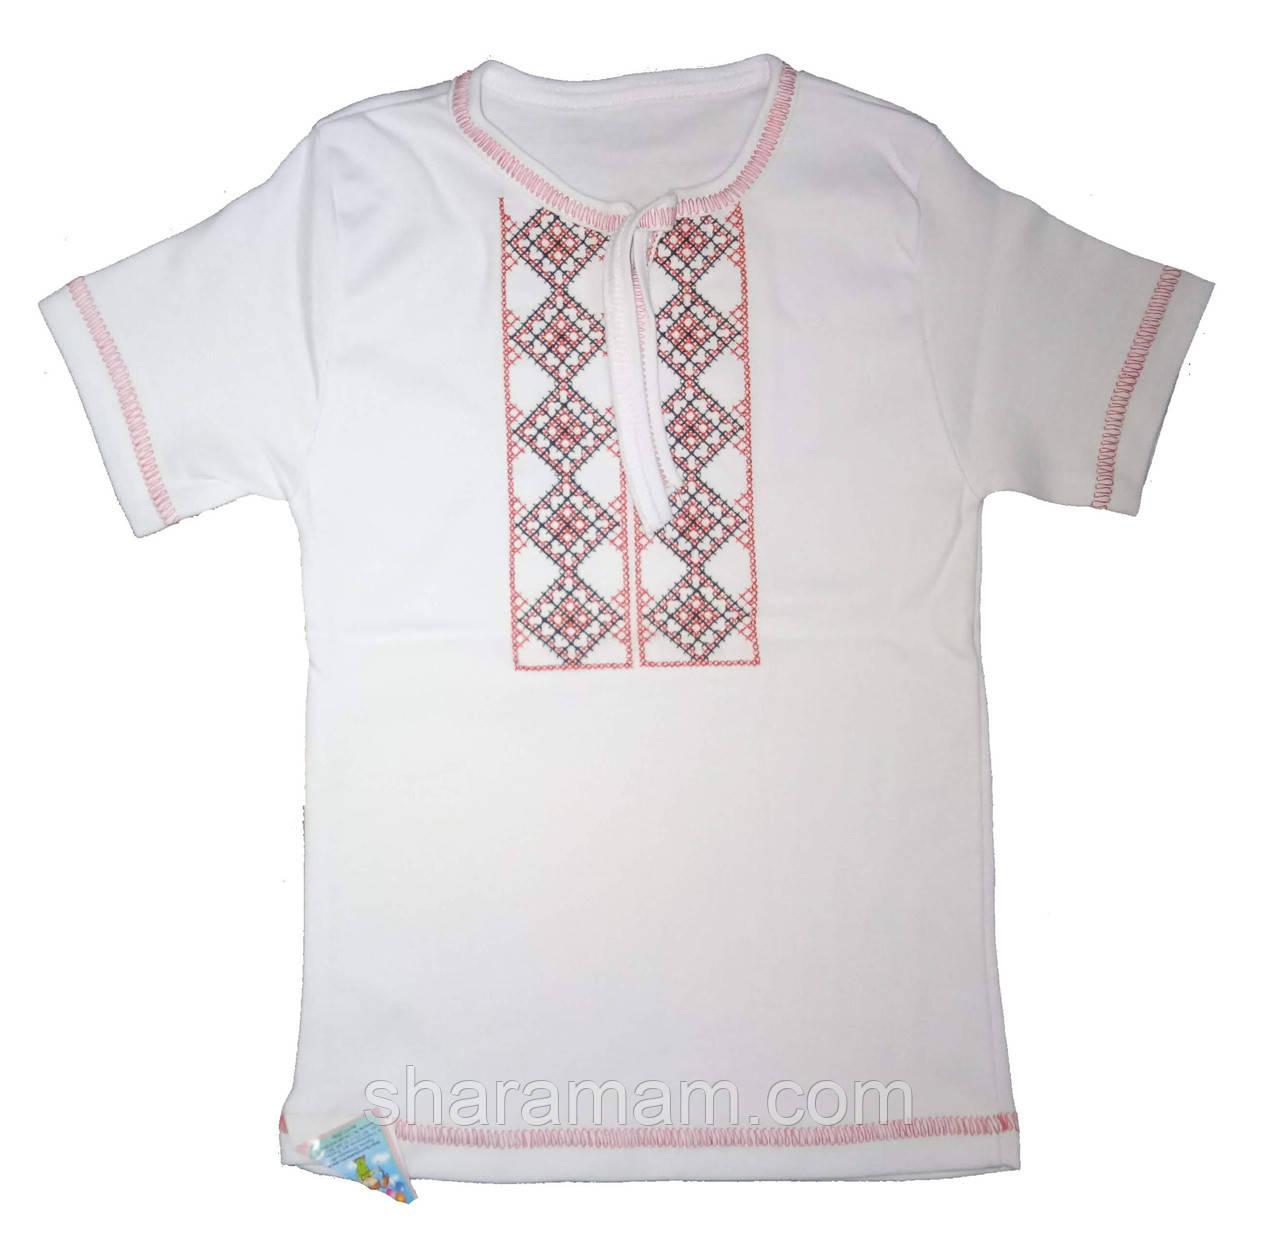 336b0ca00624a7d Футболка - вышиванка для мальчика, рост 80-86 см (машинная вышивка  крестиком,